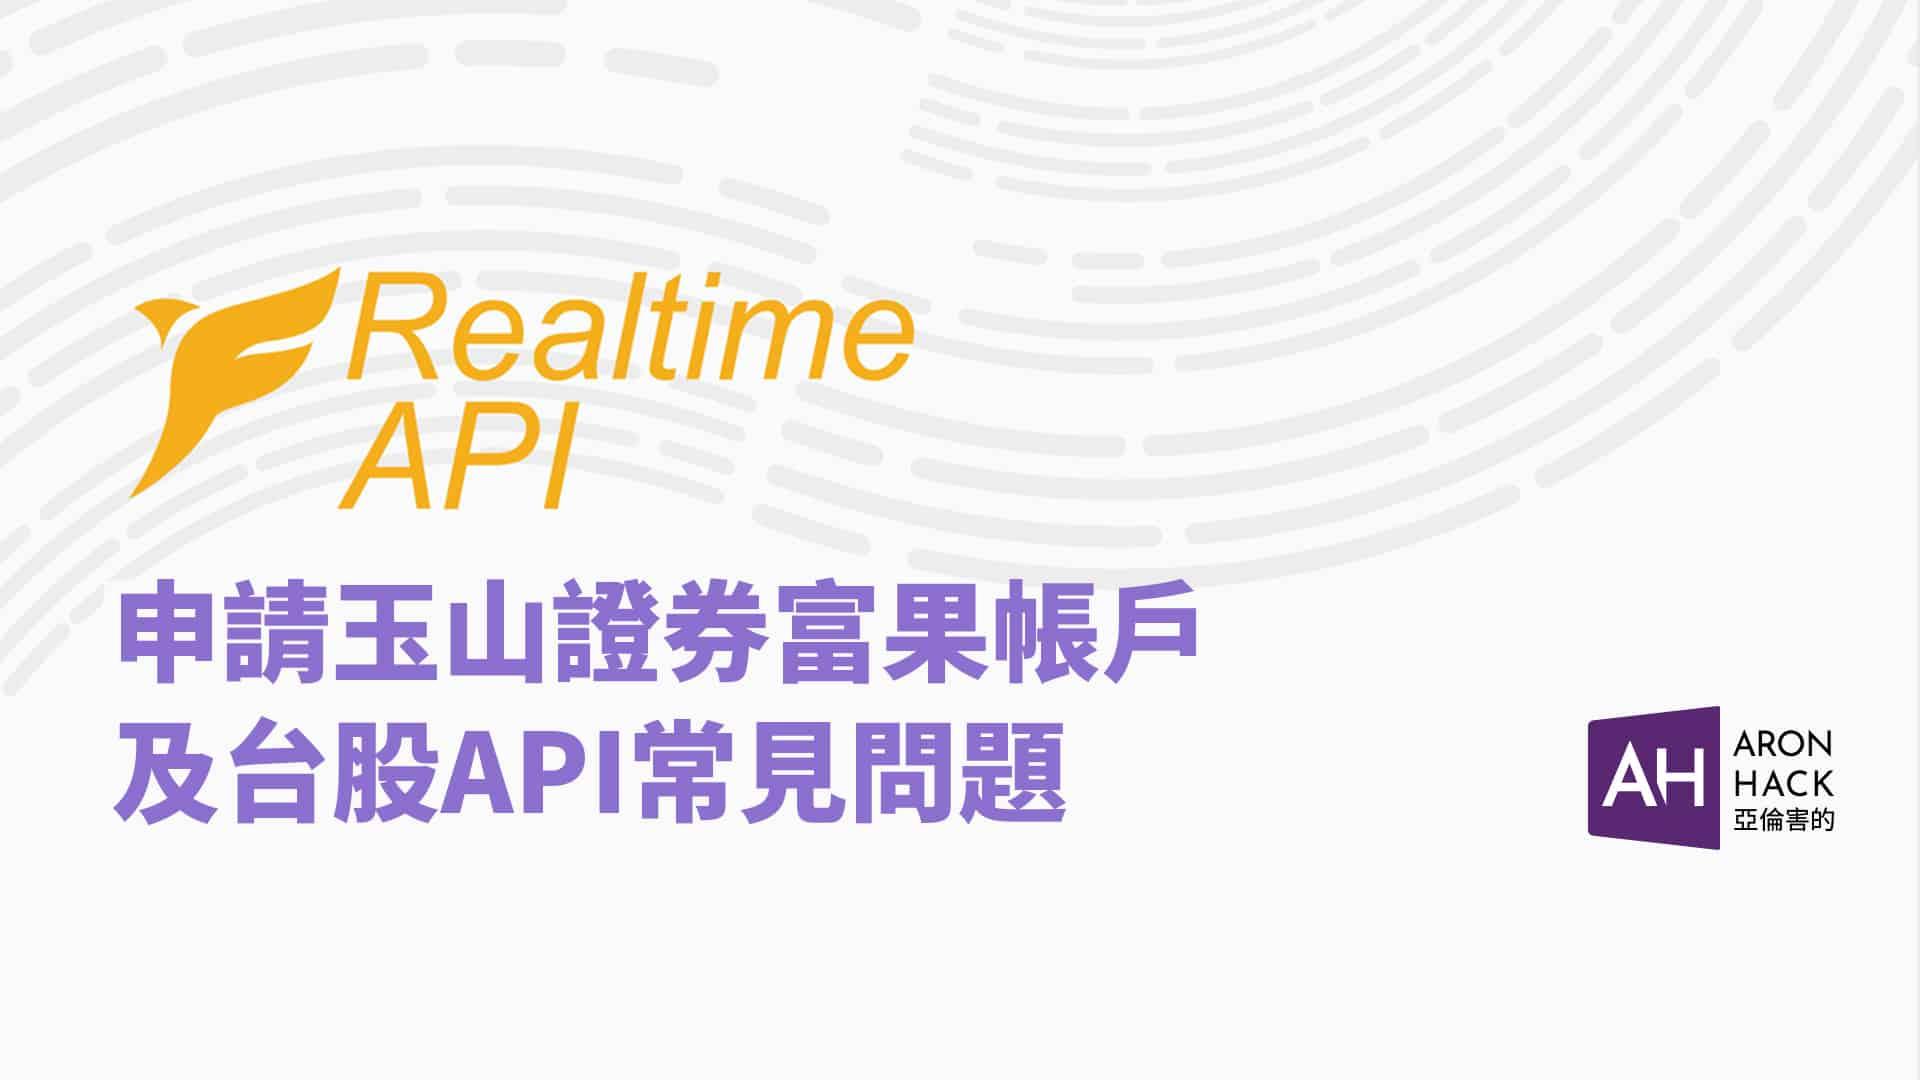 申請玉山證券富果帳戶及台股API常見問題